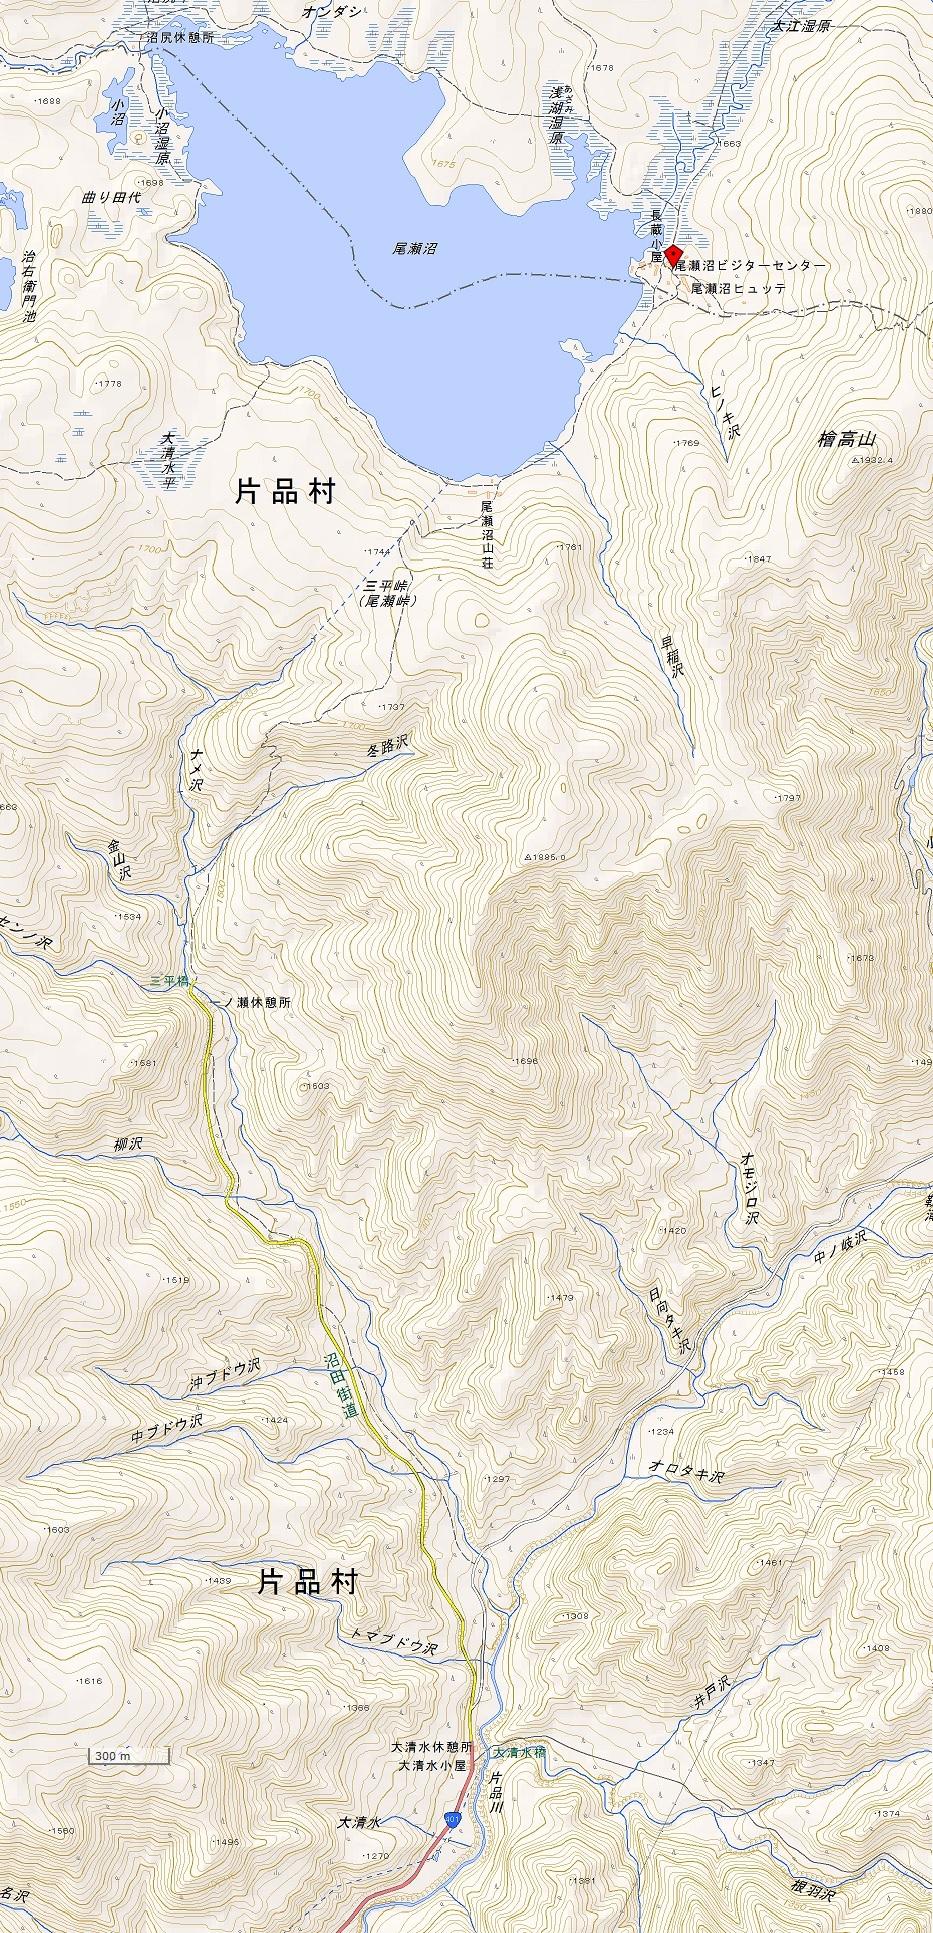 大清水~尾瀬沼ルート地図